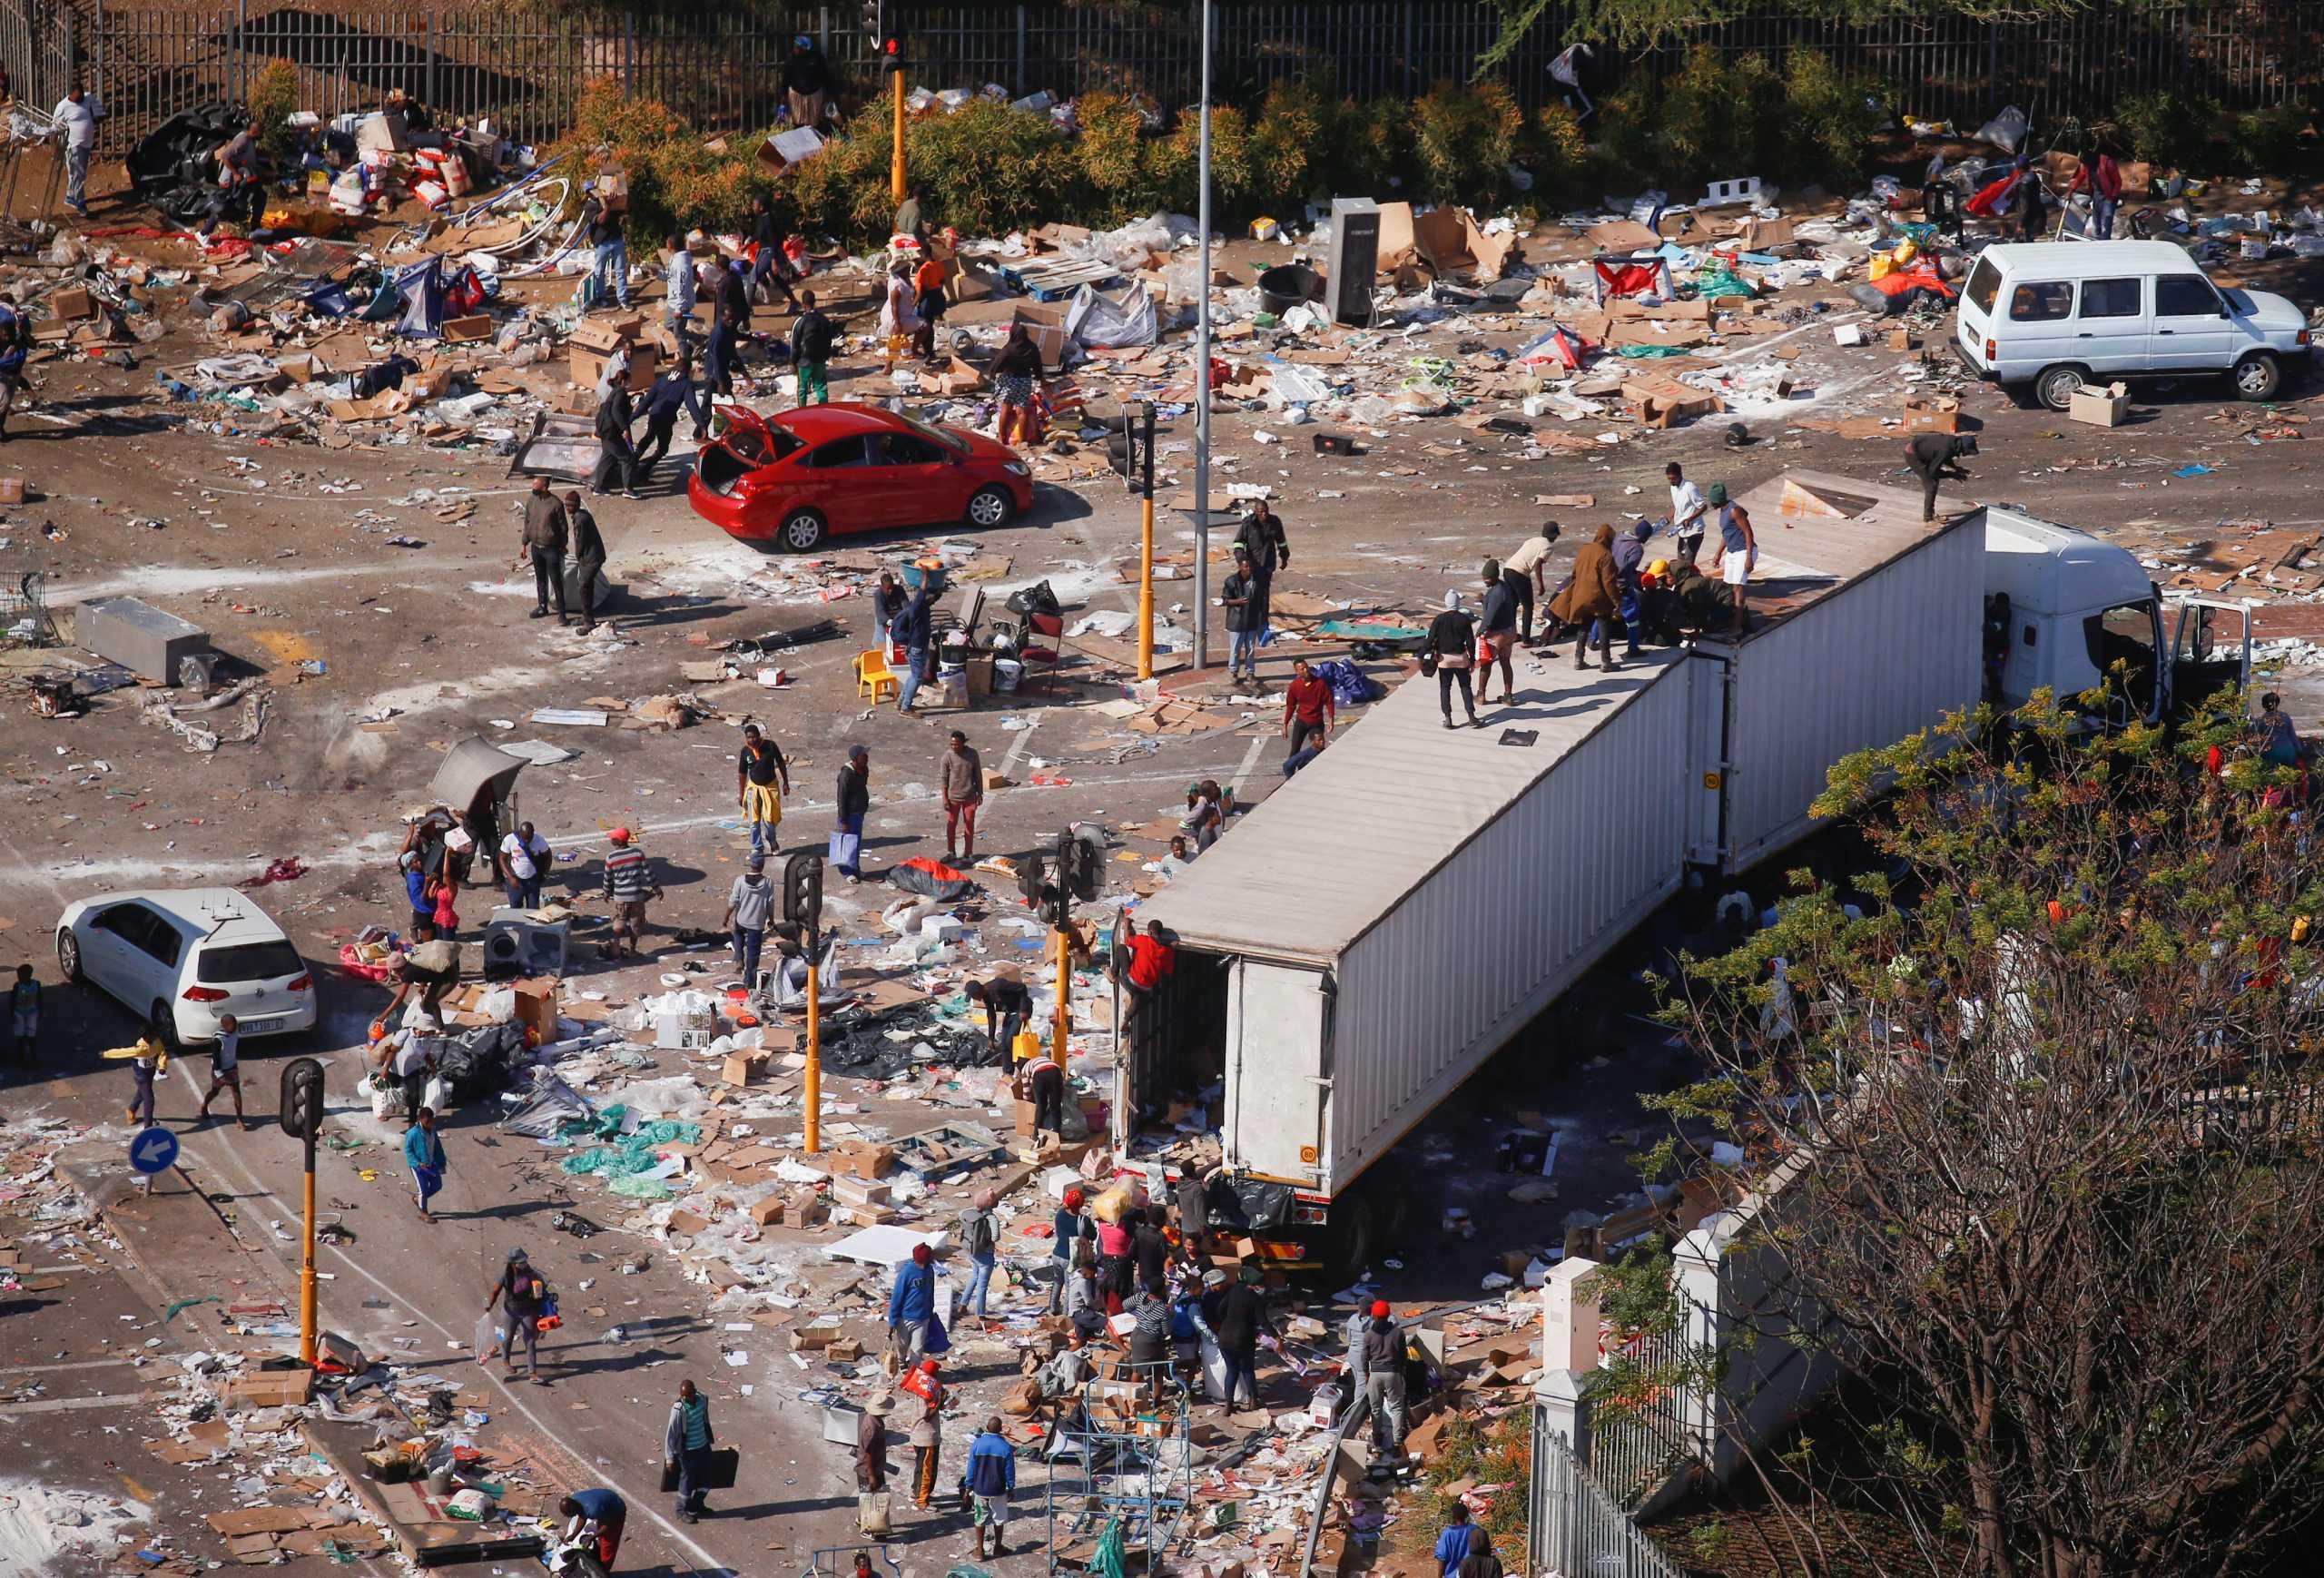 Νότια Αφρική: Στους 337 οι νεκροί από τα βίαια επεισόδια των τελευταίων ημερών